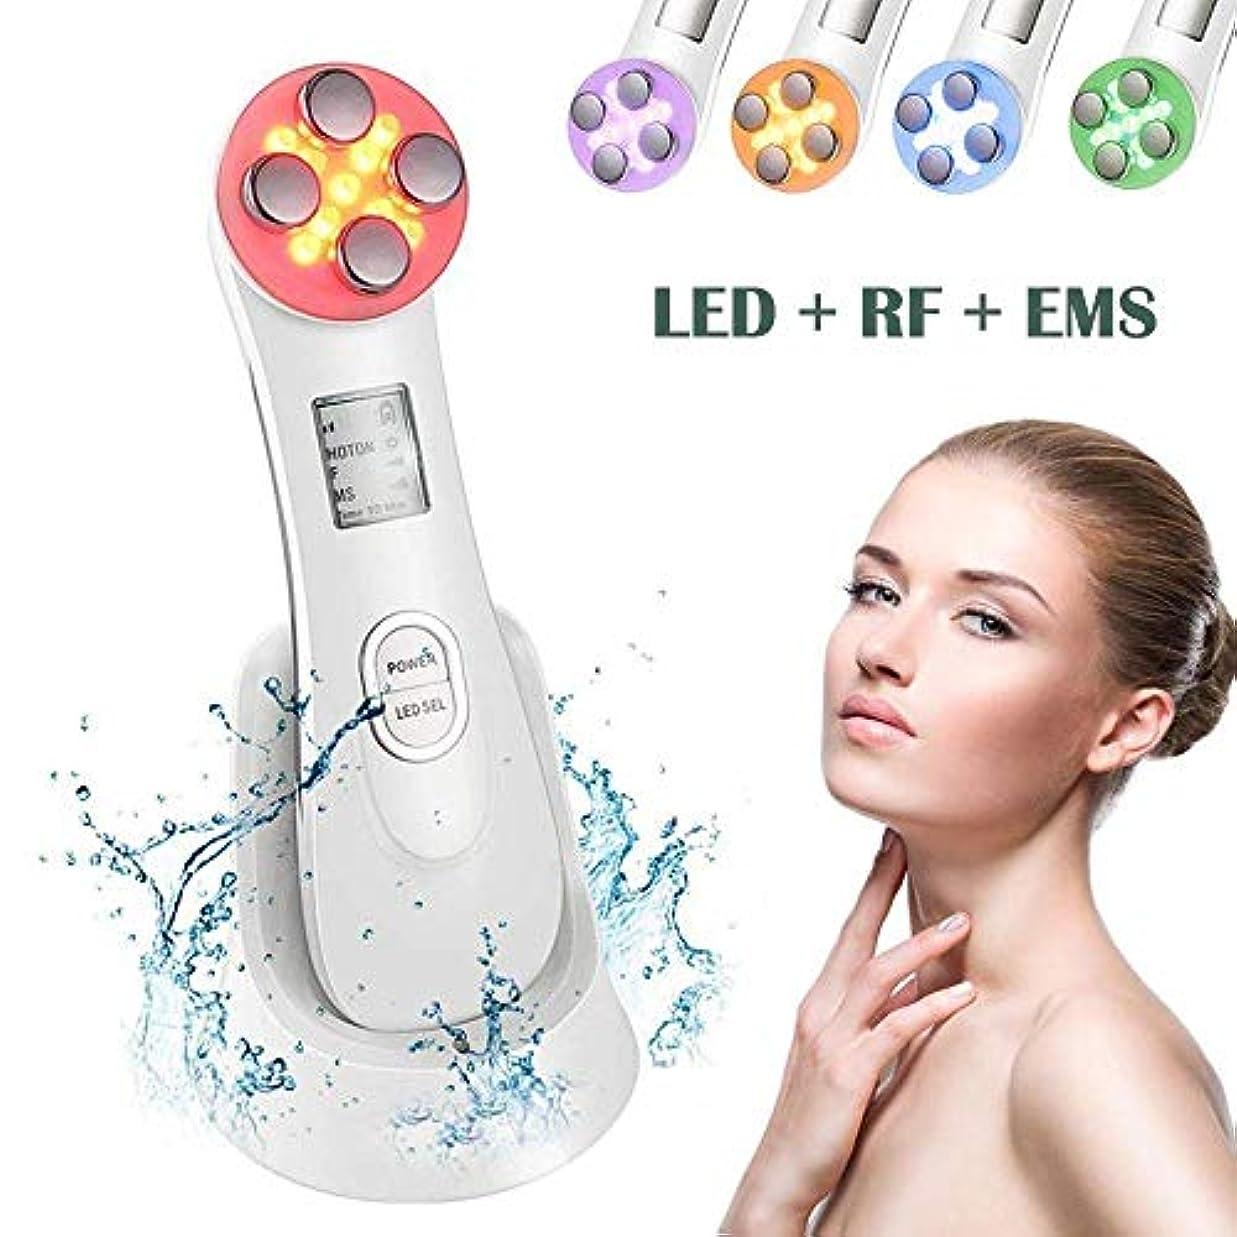 タクト自分のために回転させる美装置、顔LEDの光子のスキンケア機械表面持ち上がることは、目のしわの心配の器械をきつく締めます